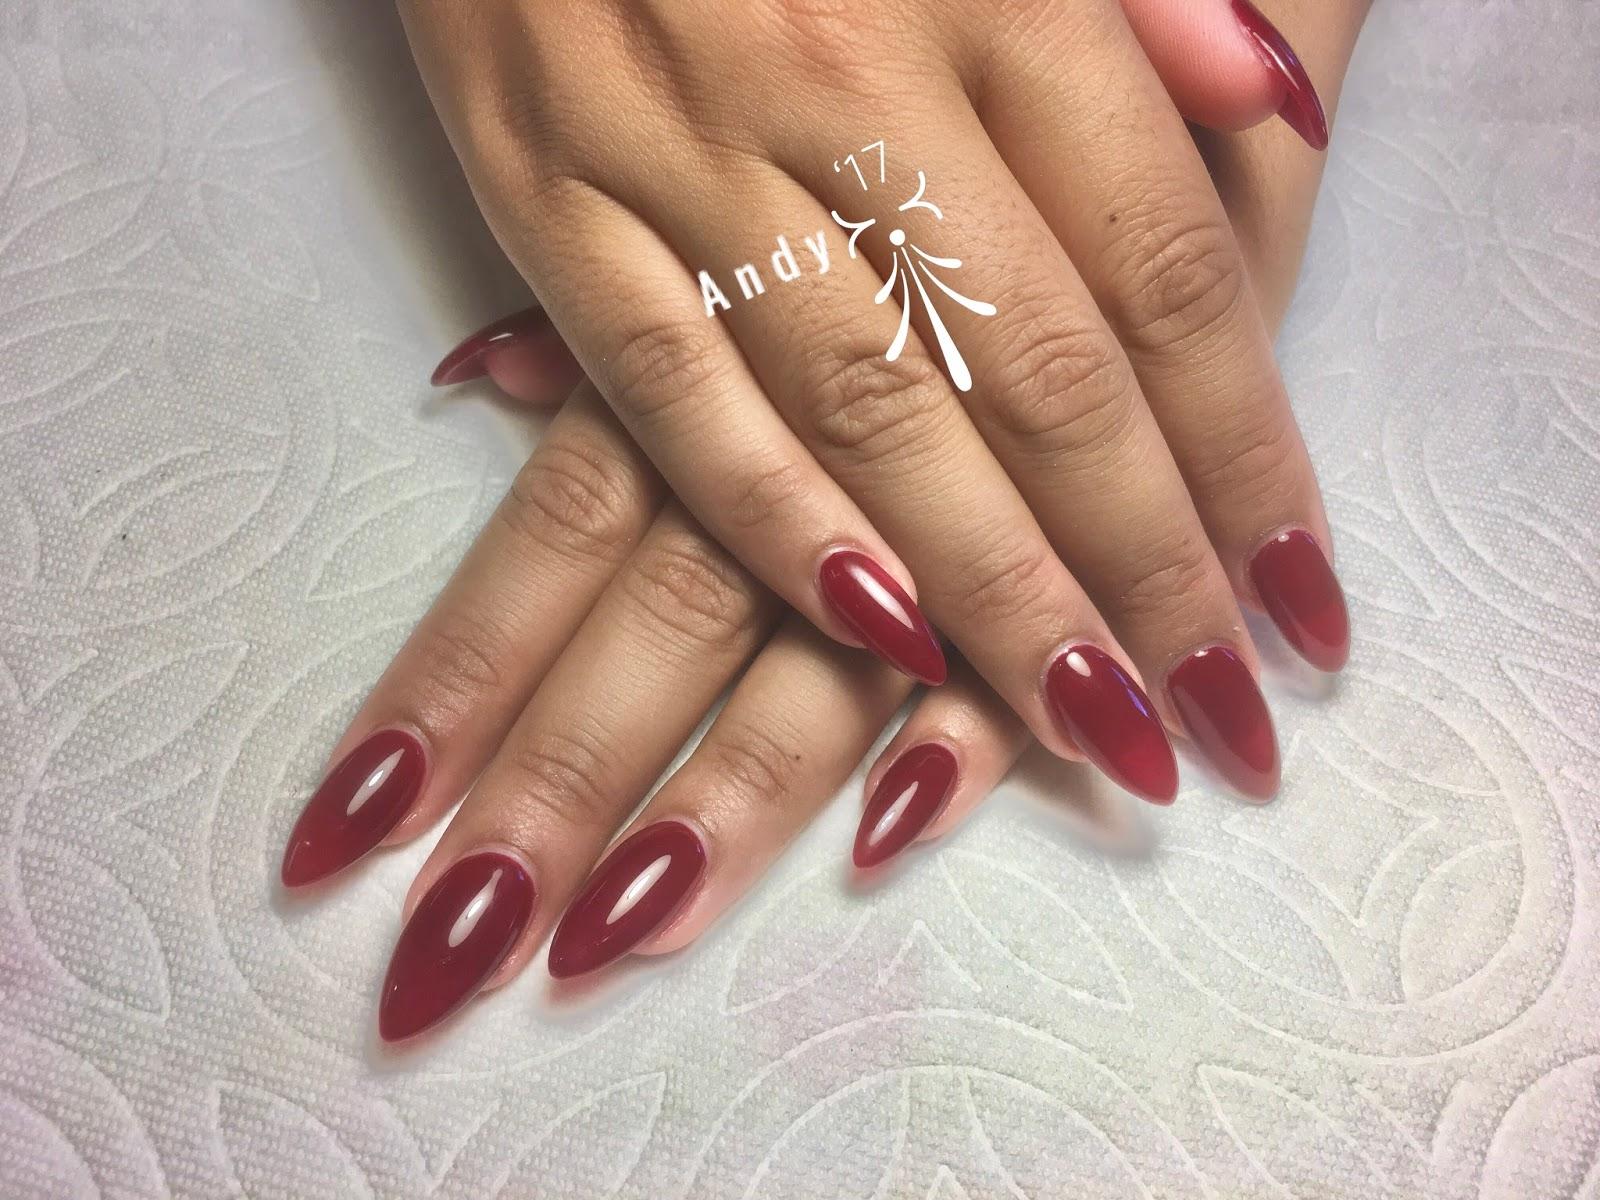 Full set gel color nails